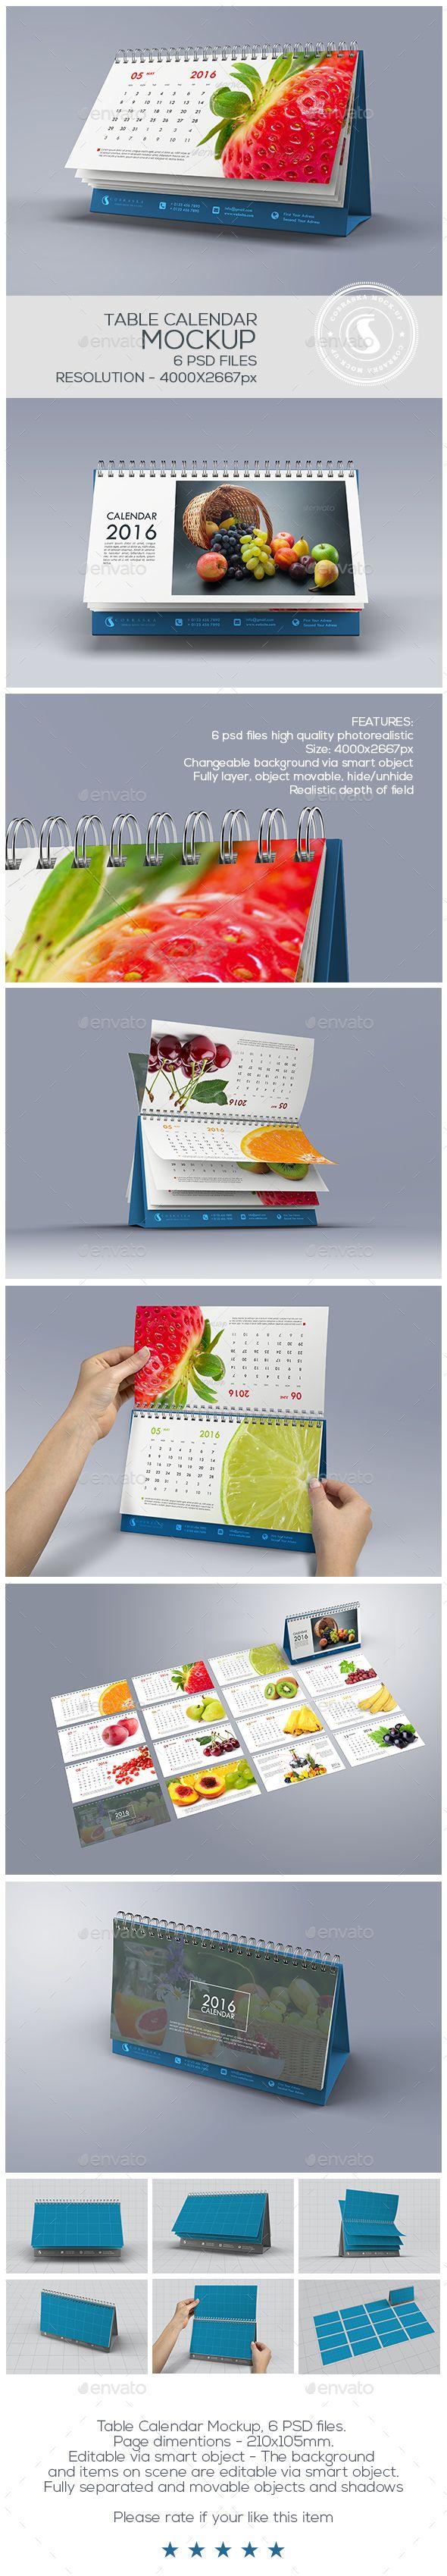 Calendar Landscape Mock-Up. Download here: http://graphicriver.net/item/calendar-landscape-mockup/15031221?ref=ksioks